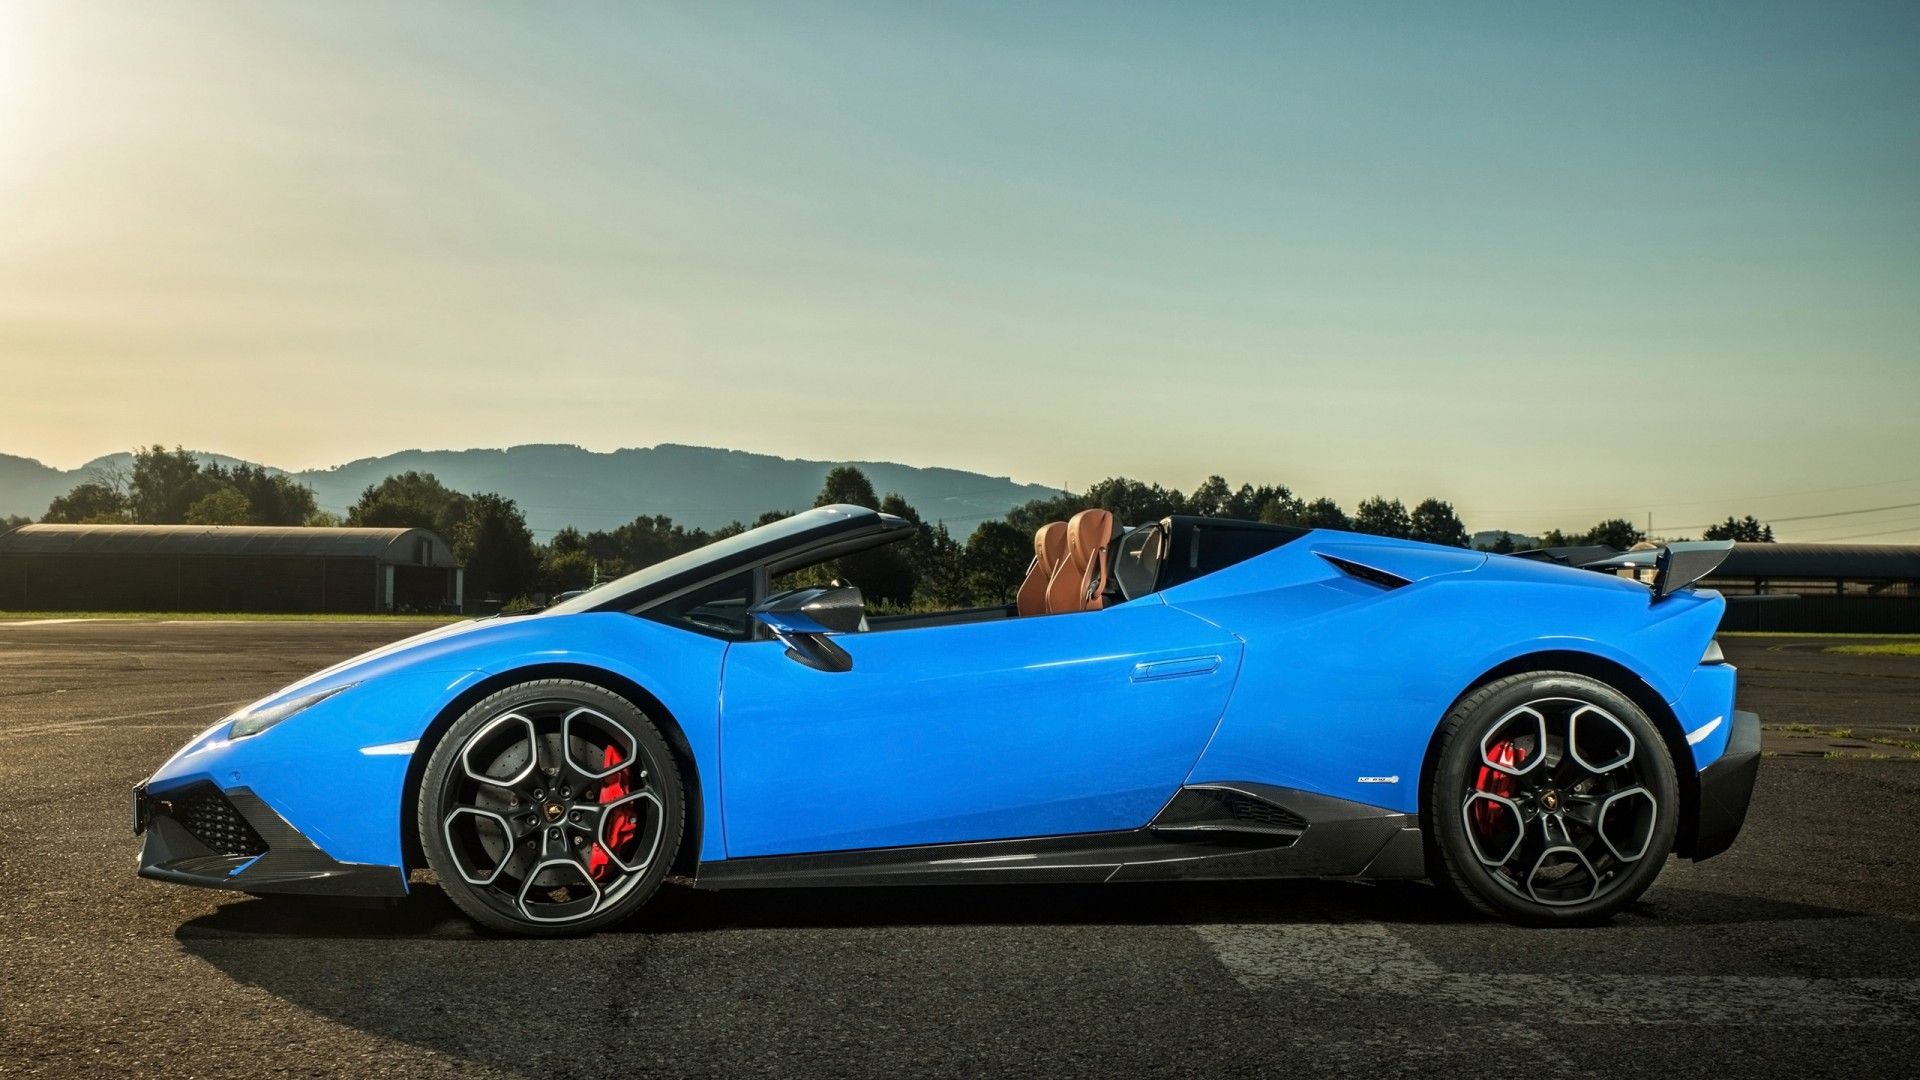 2017 Oct Tuning Lamborghini Huracan Wallpaper Hd Car